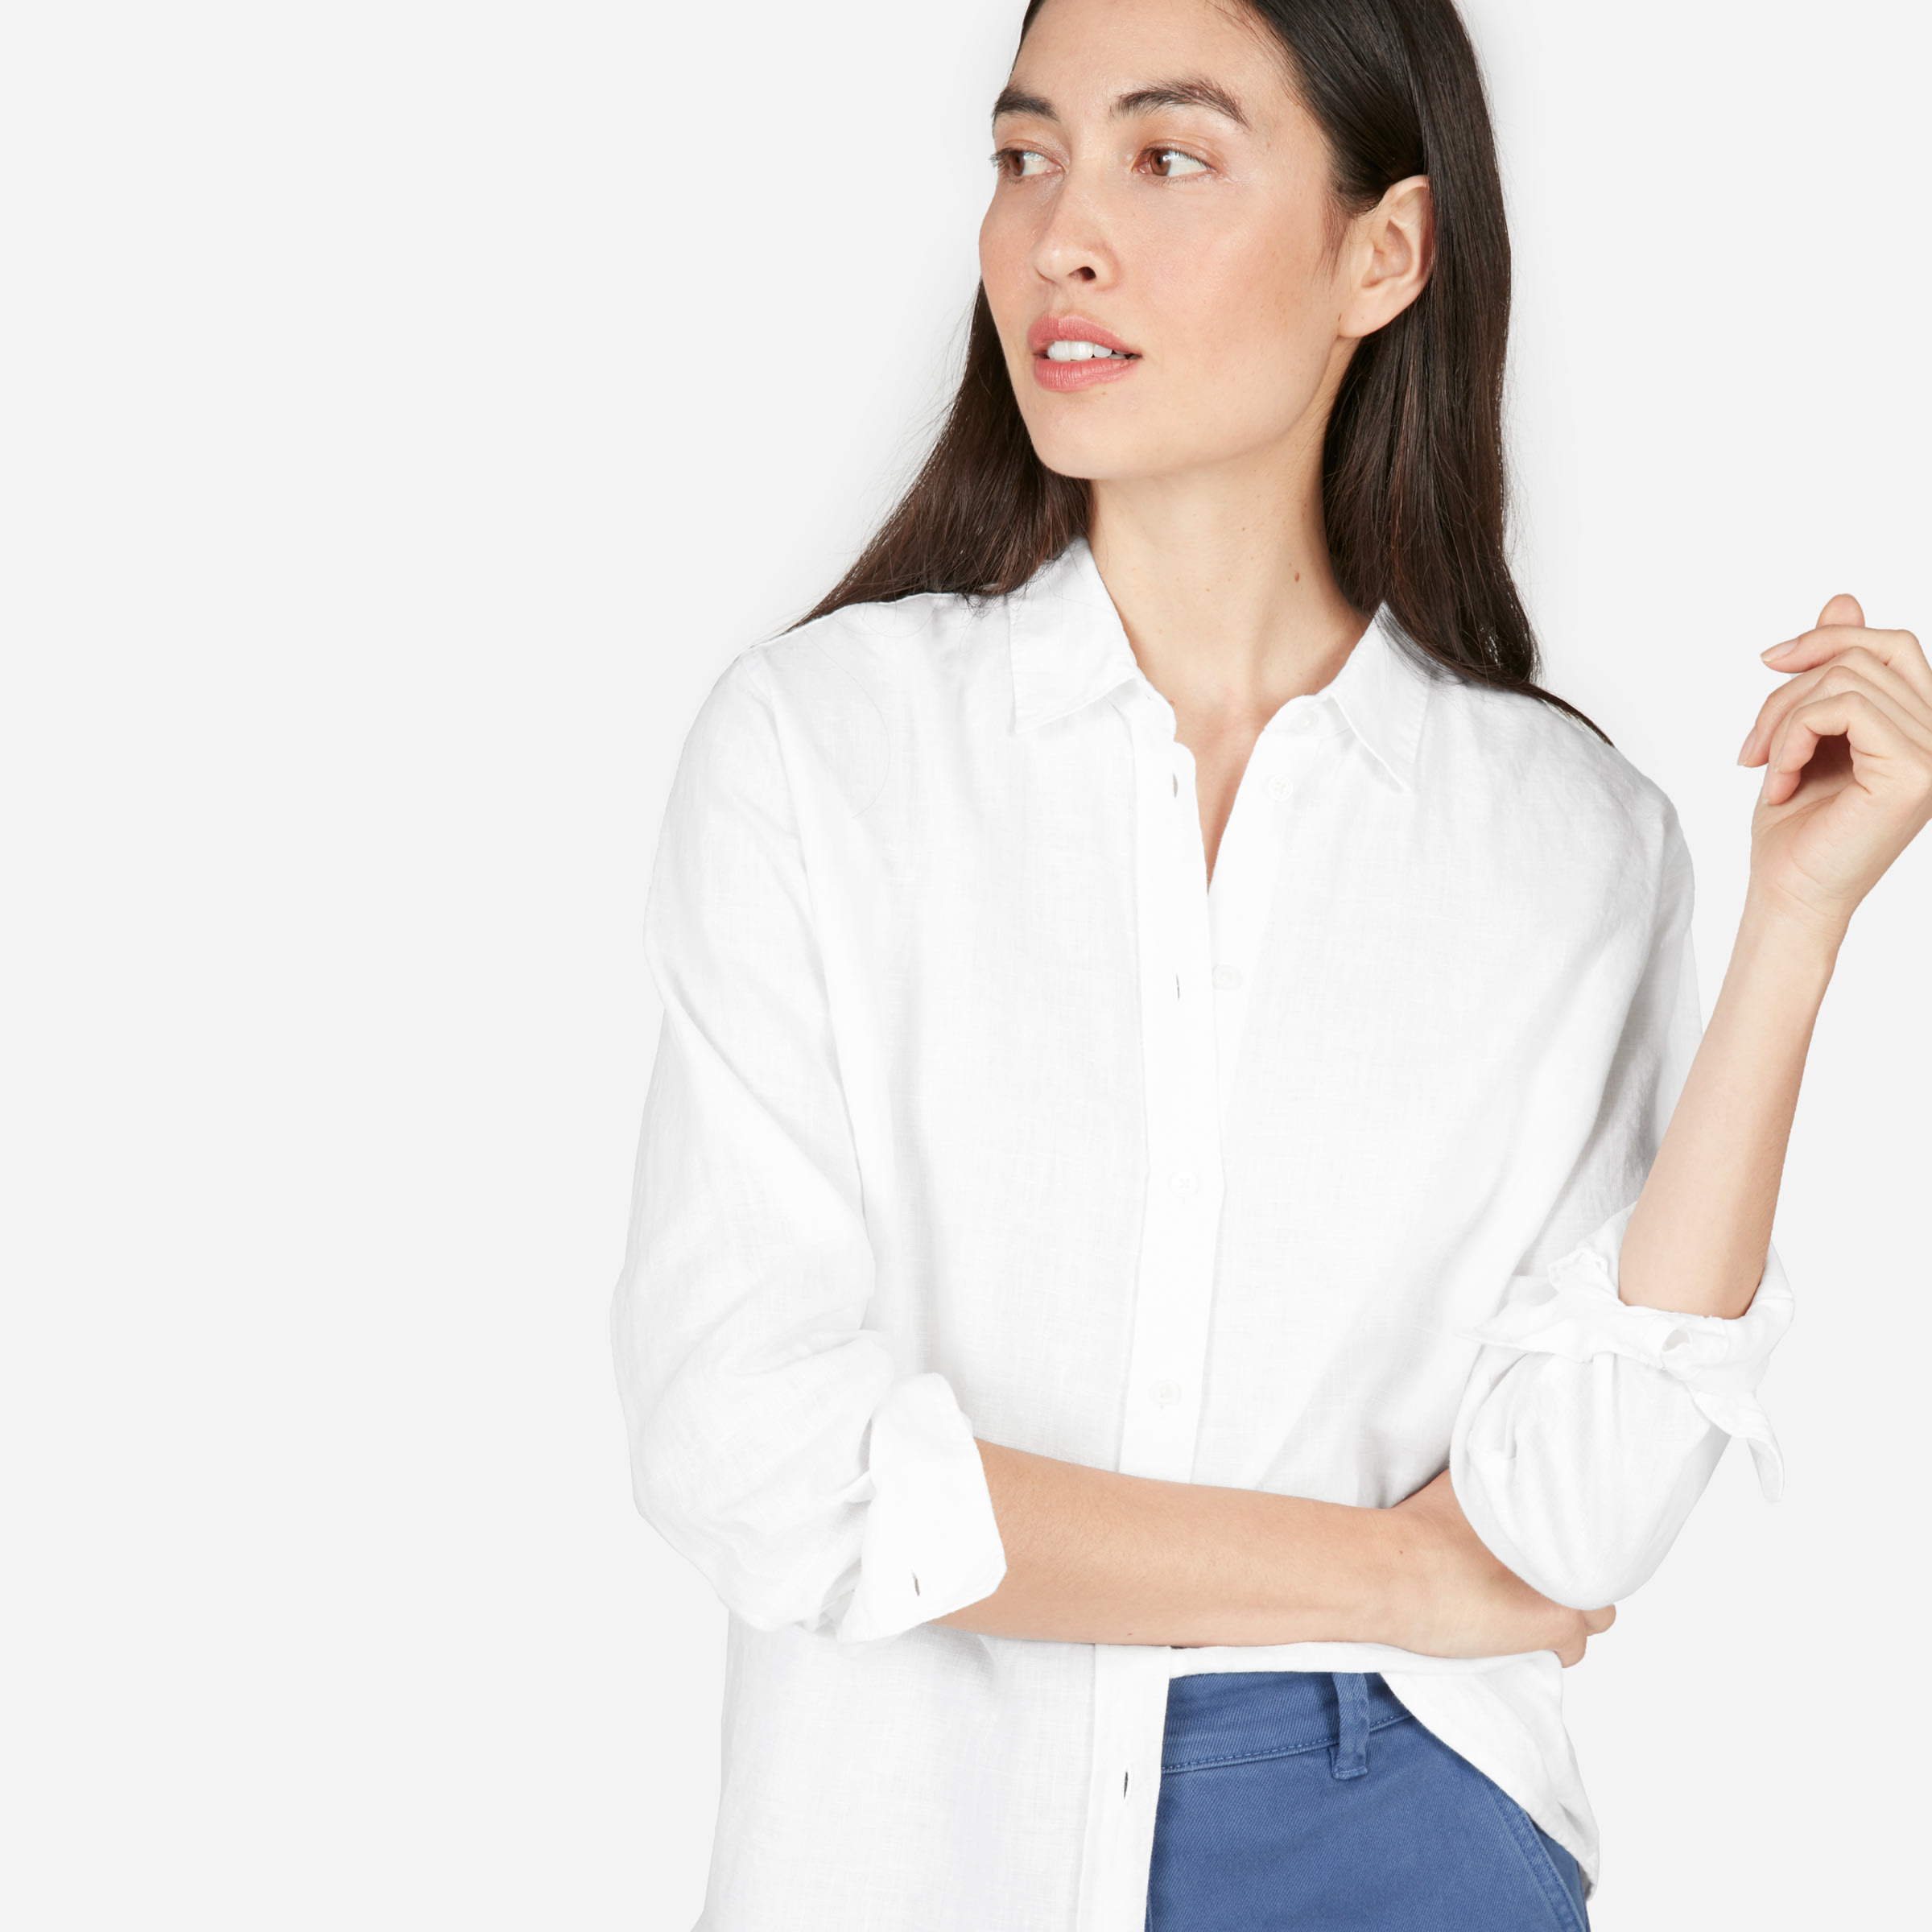 c47a38e9d7c310 Women's Linen Relaxed Shirt | Everlane